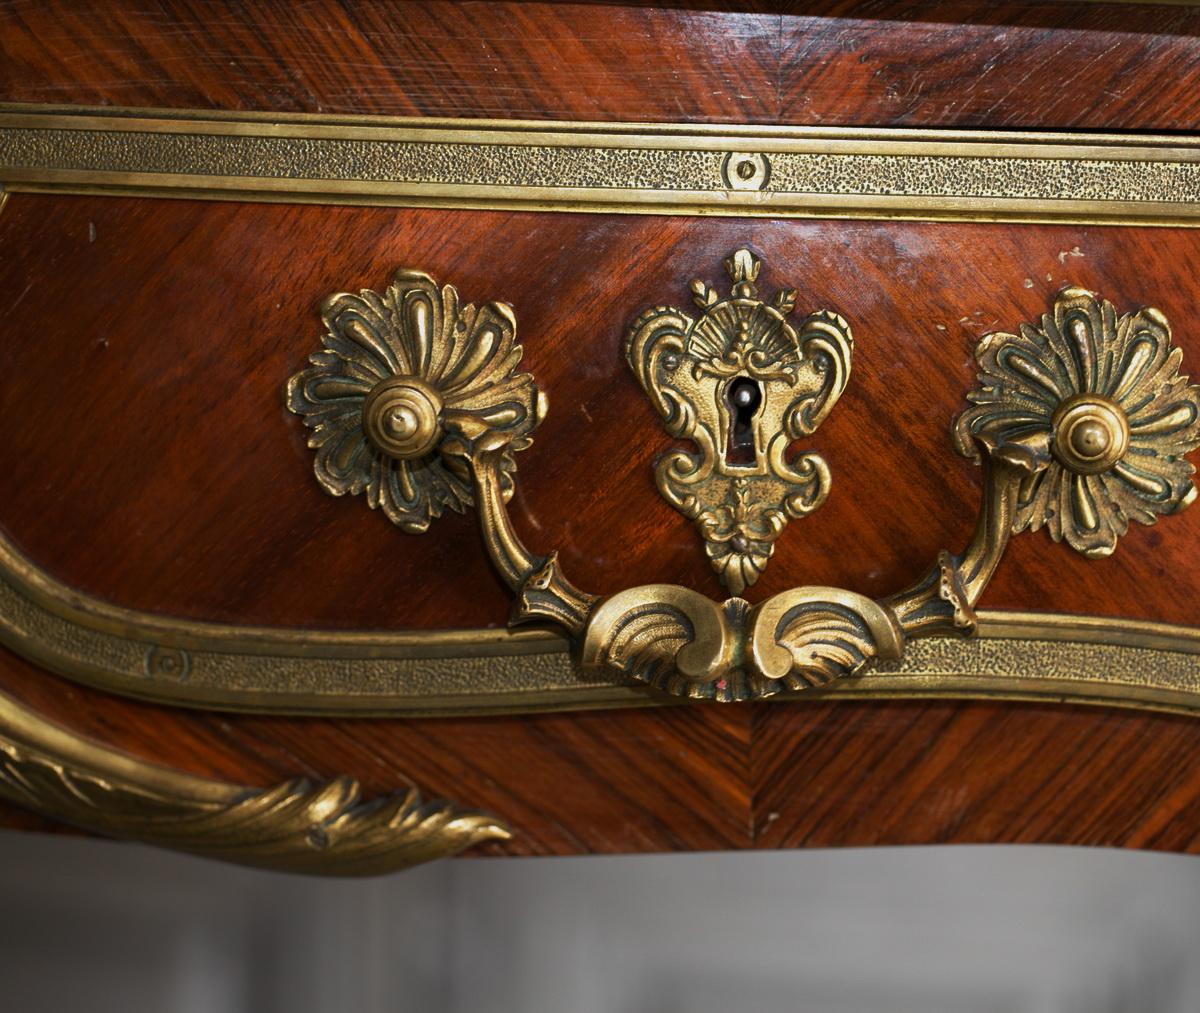 Bureau plat de style Louis XV circa 1880